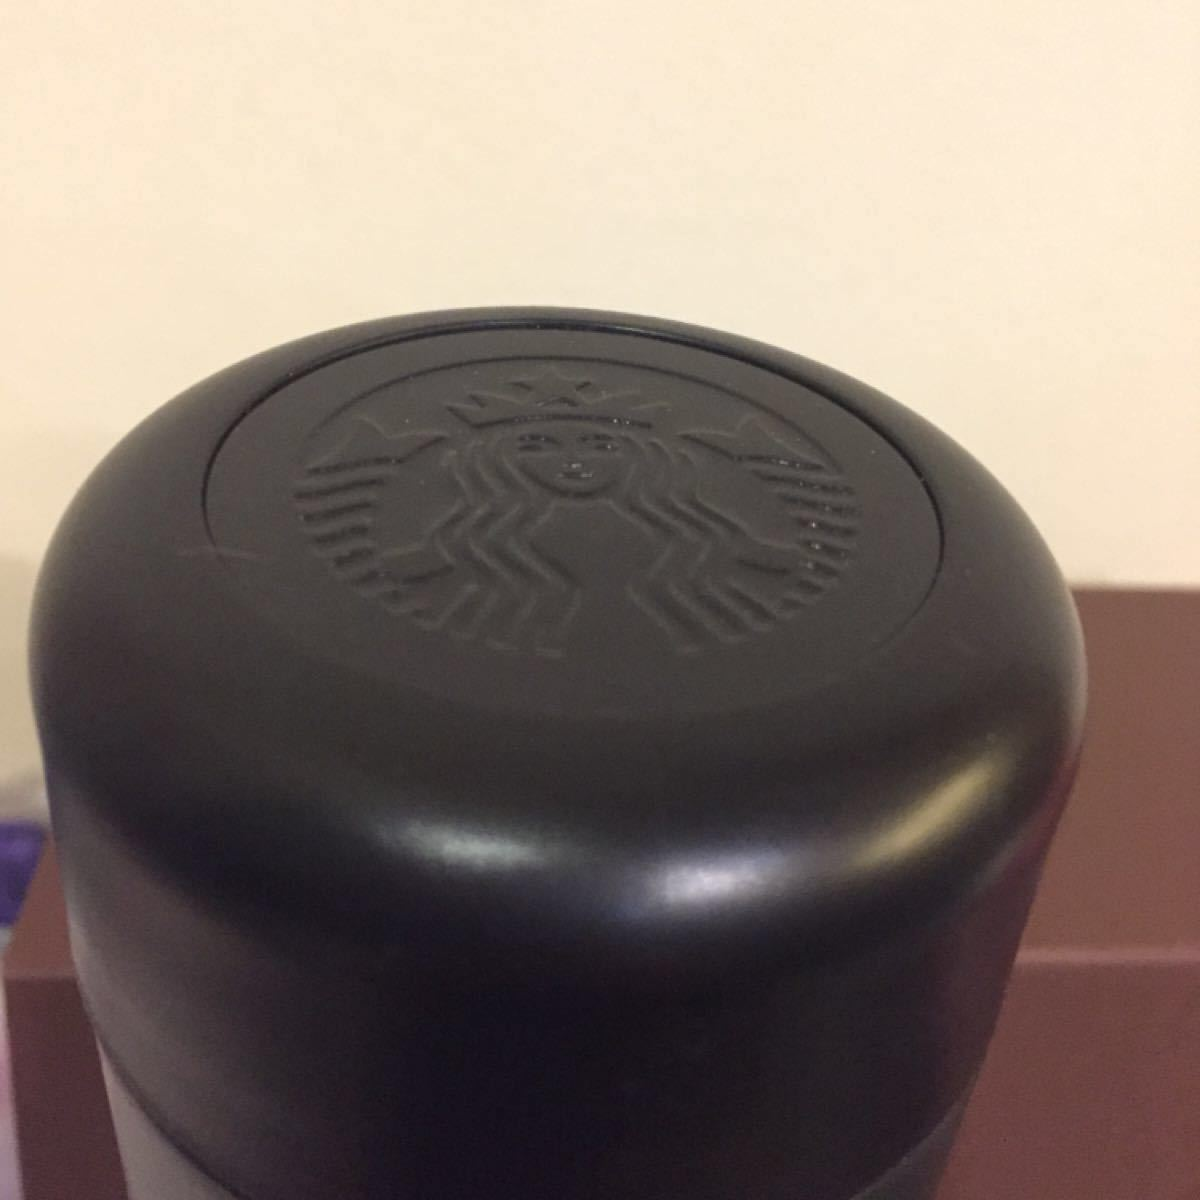 スターバックスマットブラックステンレスボトル スクリューレザーストラップラック 黒 お洒落 箱入り プレゼントに最適